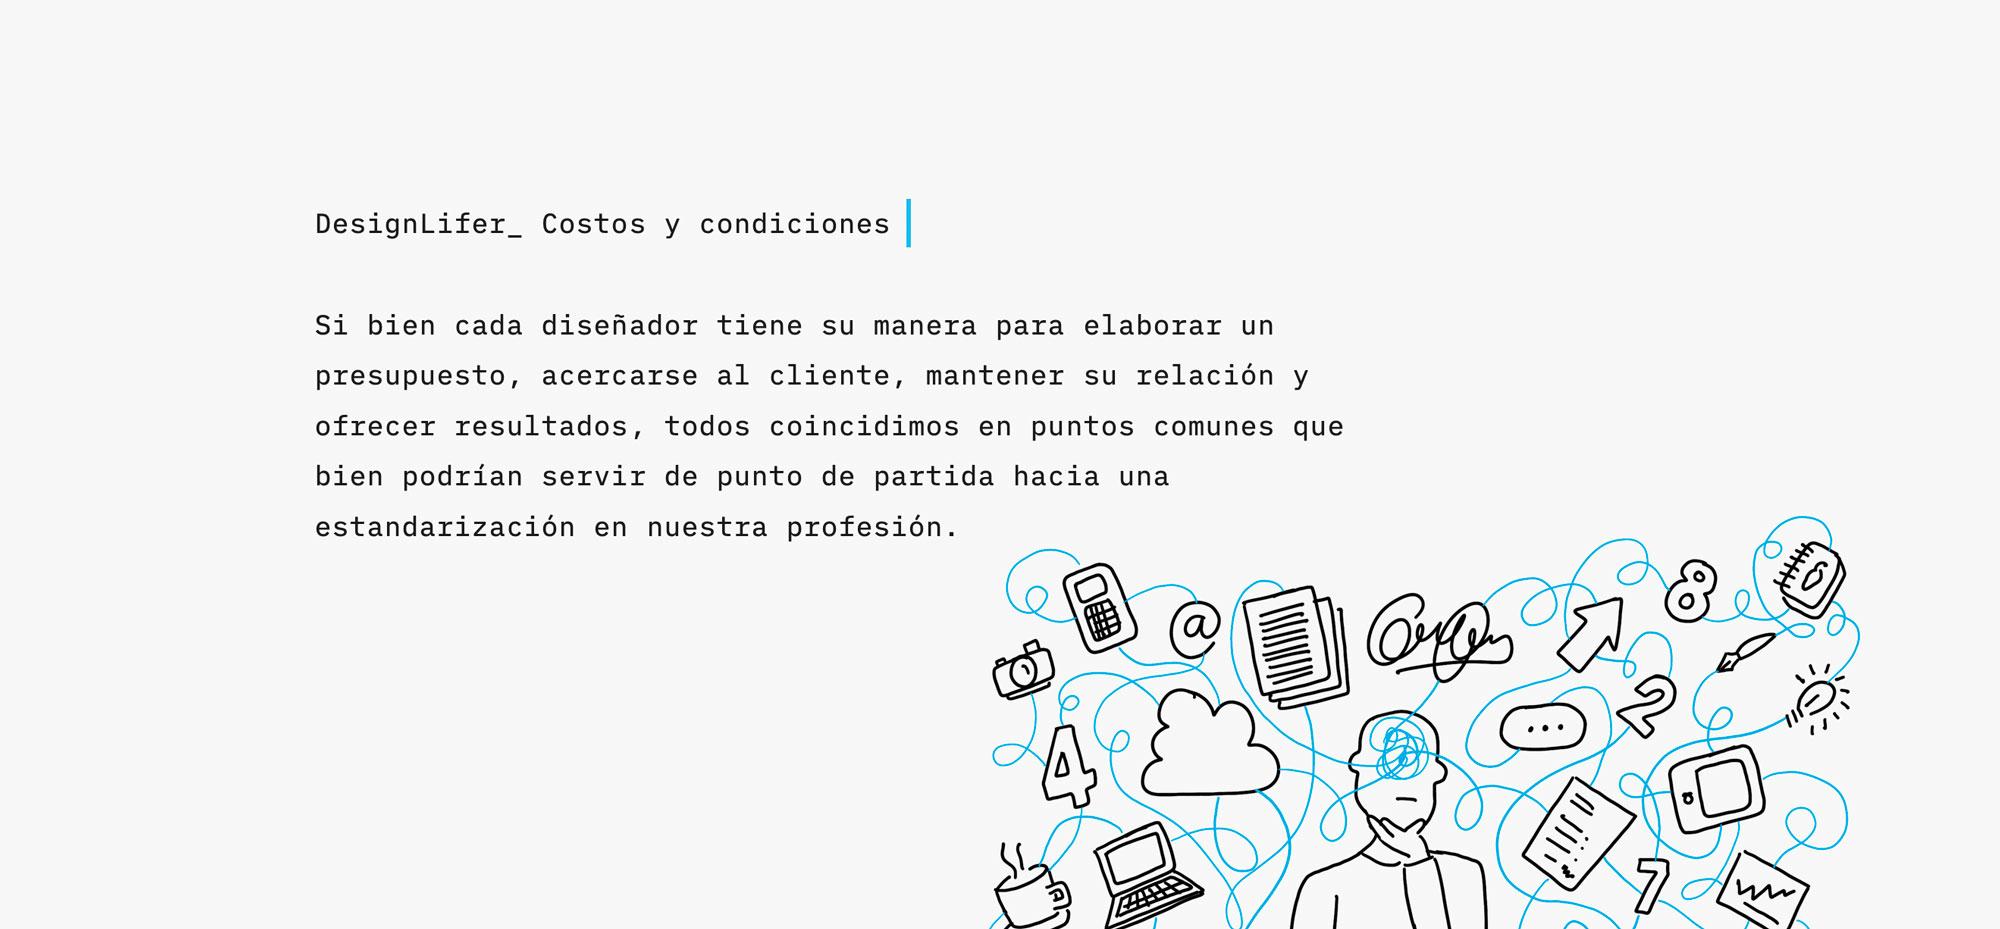 ¿Conoces los costos y condiciones a los cuales se somete el diseño gráfico? Es importante establecer algunos puntos antes de cobrar un proyecto.